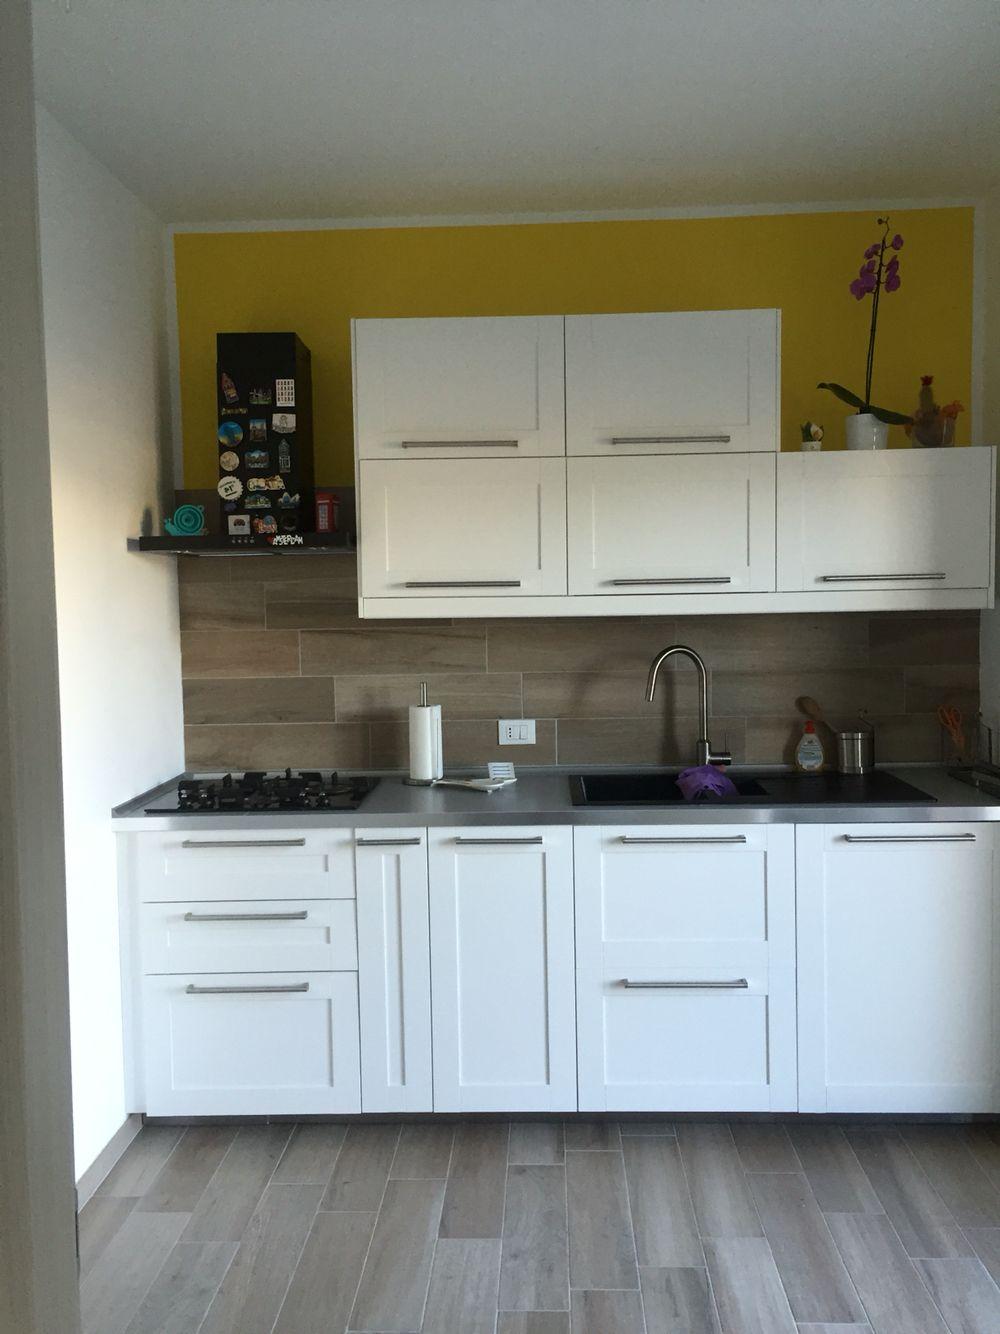 Cucina Ikea savedal  Kitchen Ideas nel 2019  Ikea kitchen remodel Ikea kitchen e Kitchen remodel